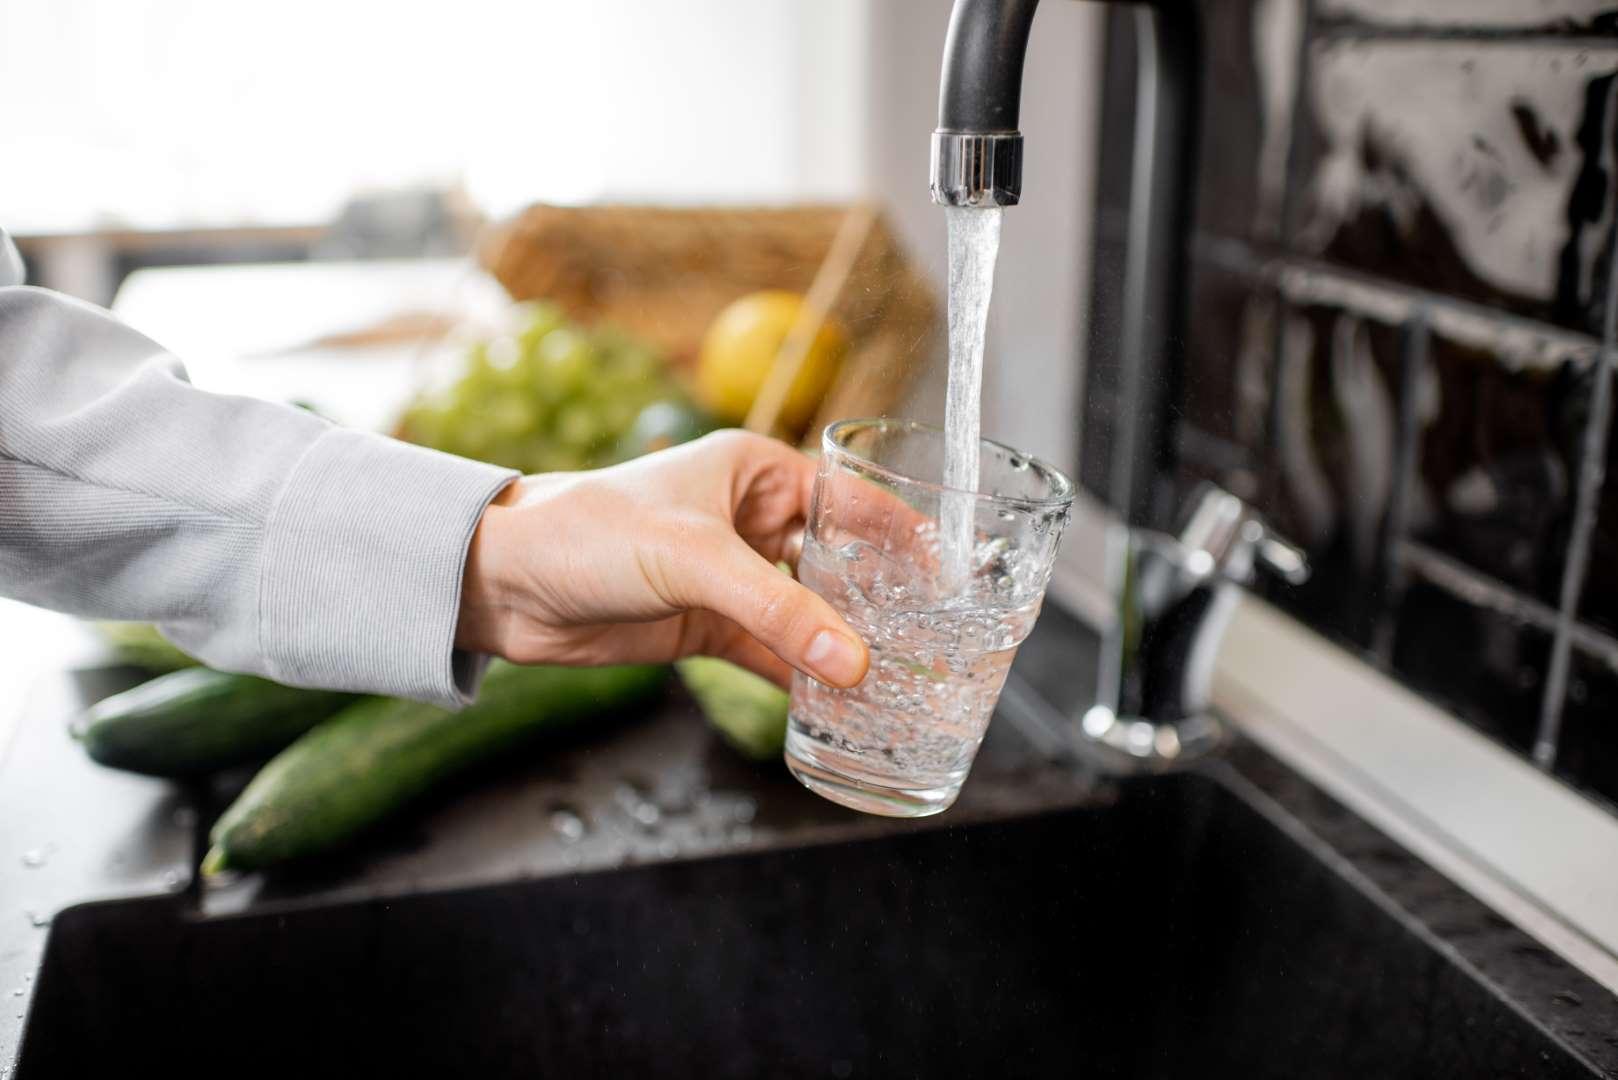 Perché l'acqua filtrata è meglio dell'acqua del rubinetto